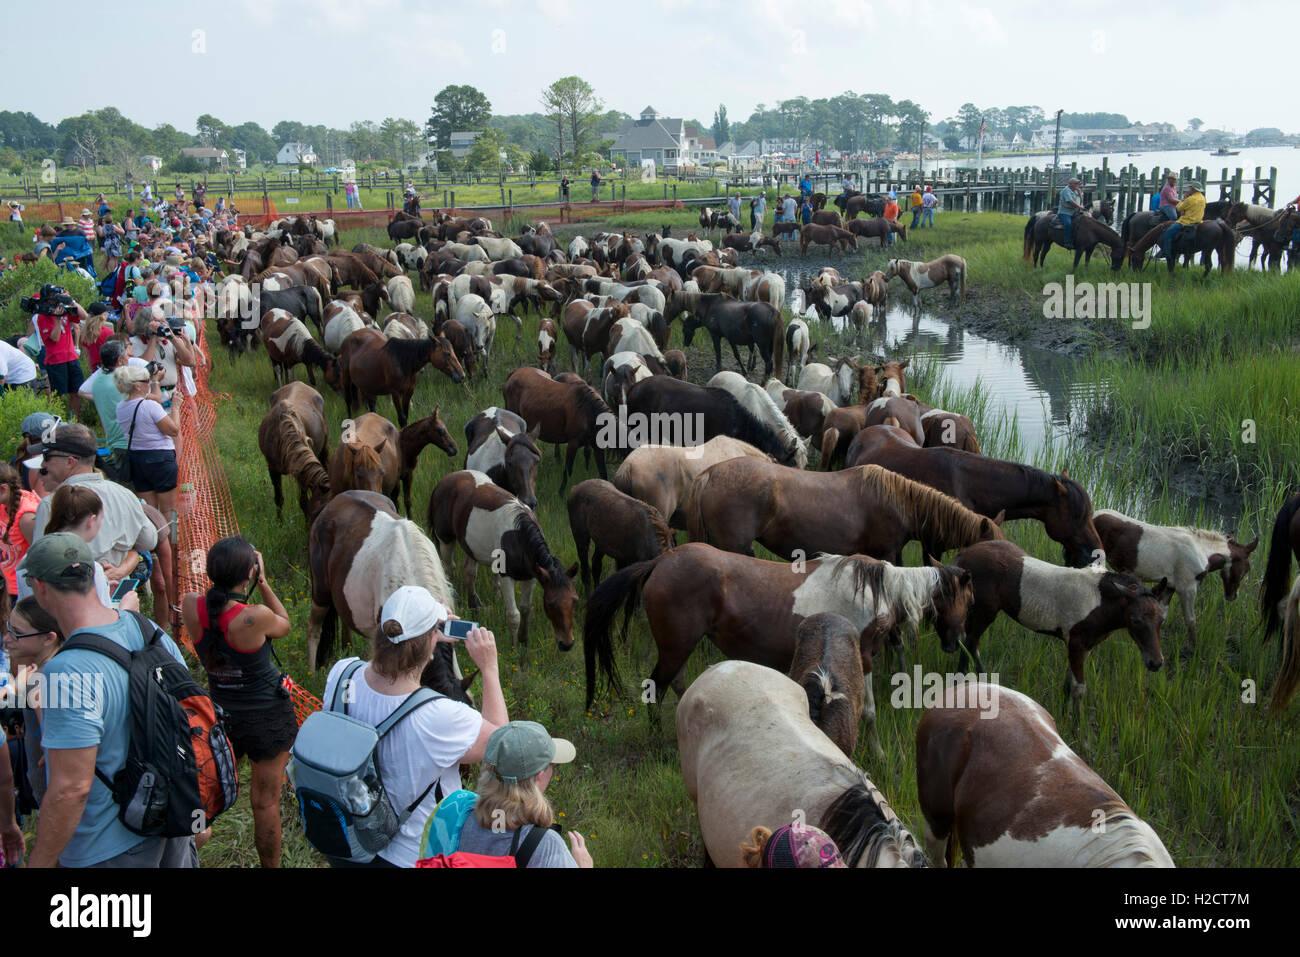 Zuschauer beobachten Sie, wie eine Herde von wilden Ponys grasen auf dem Rasen in einem eingezäunten Gehege Stockbild